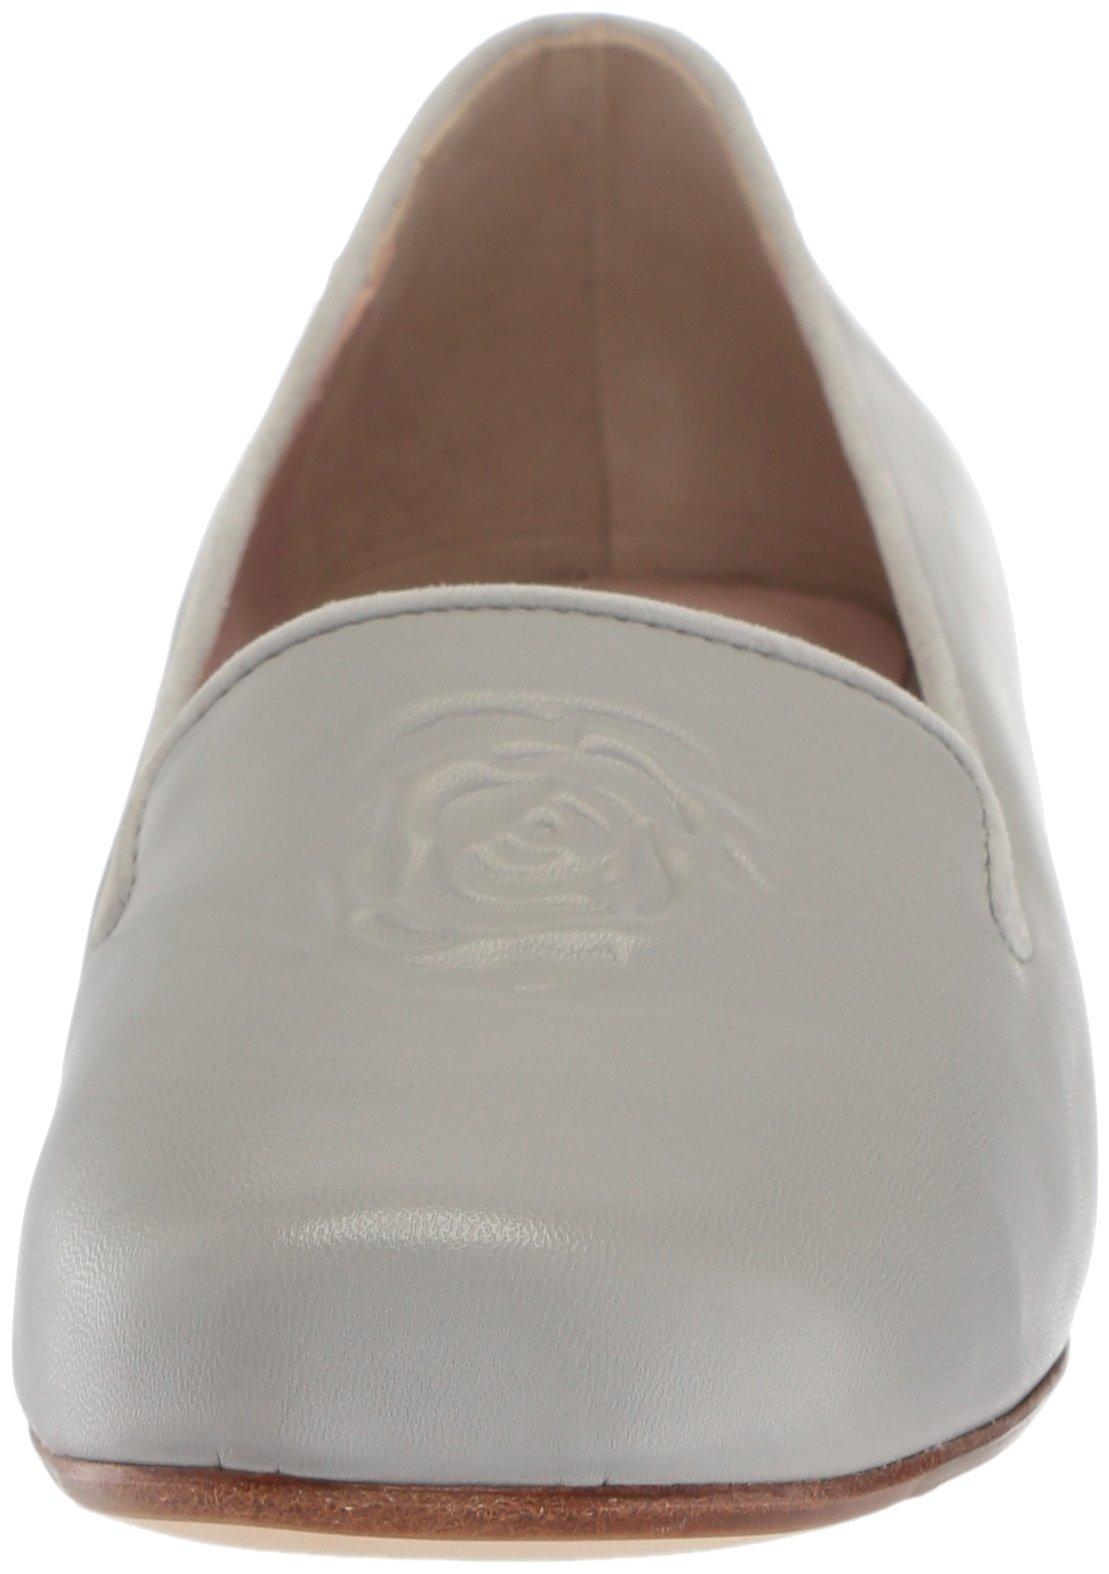 Taryn Rose Womens Belissa Loafer Flat